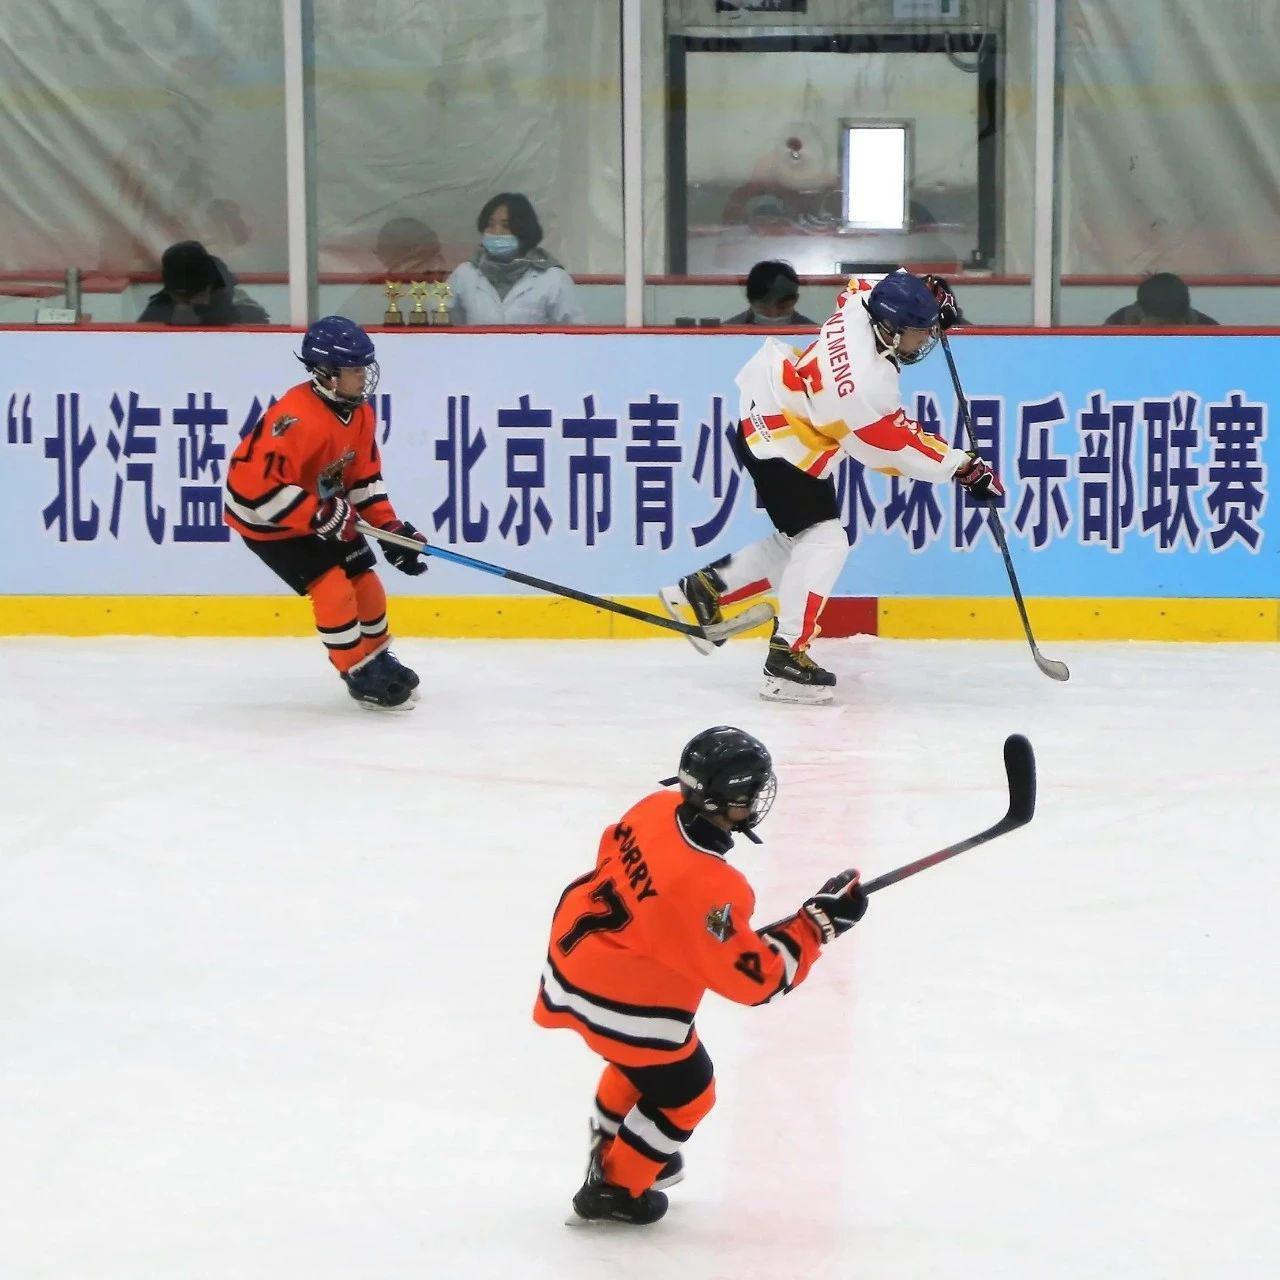 北京市青少年冰球联赛开幕,取消赛后握手等礼仪